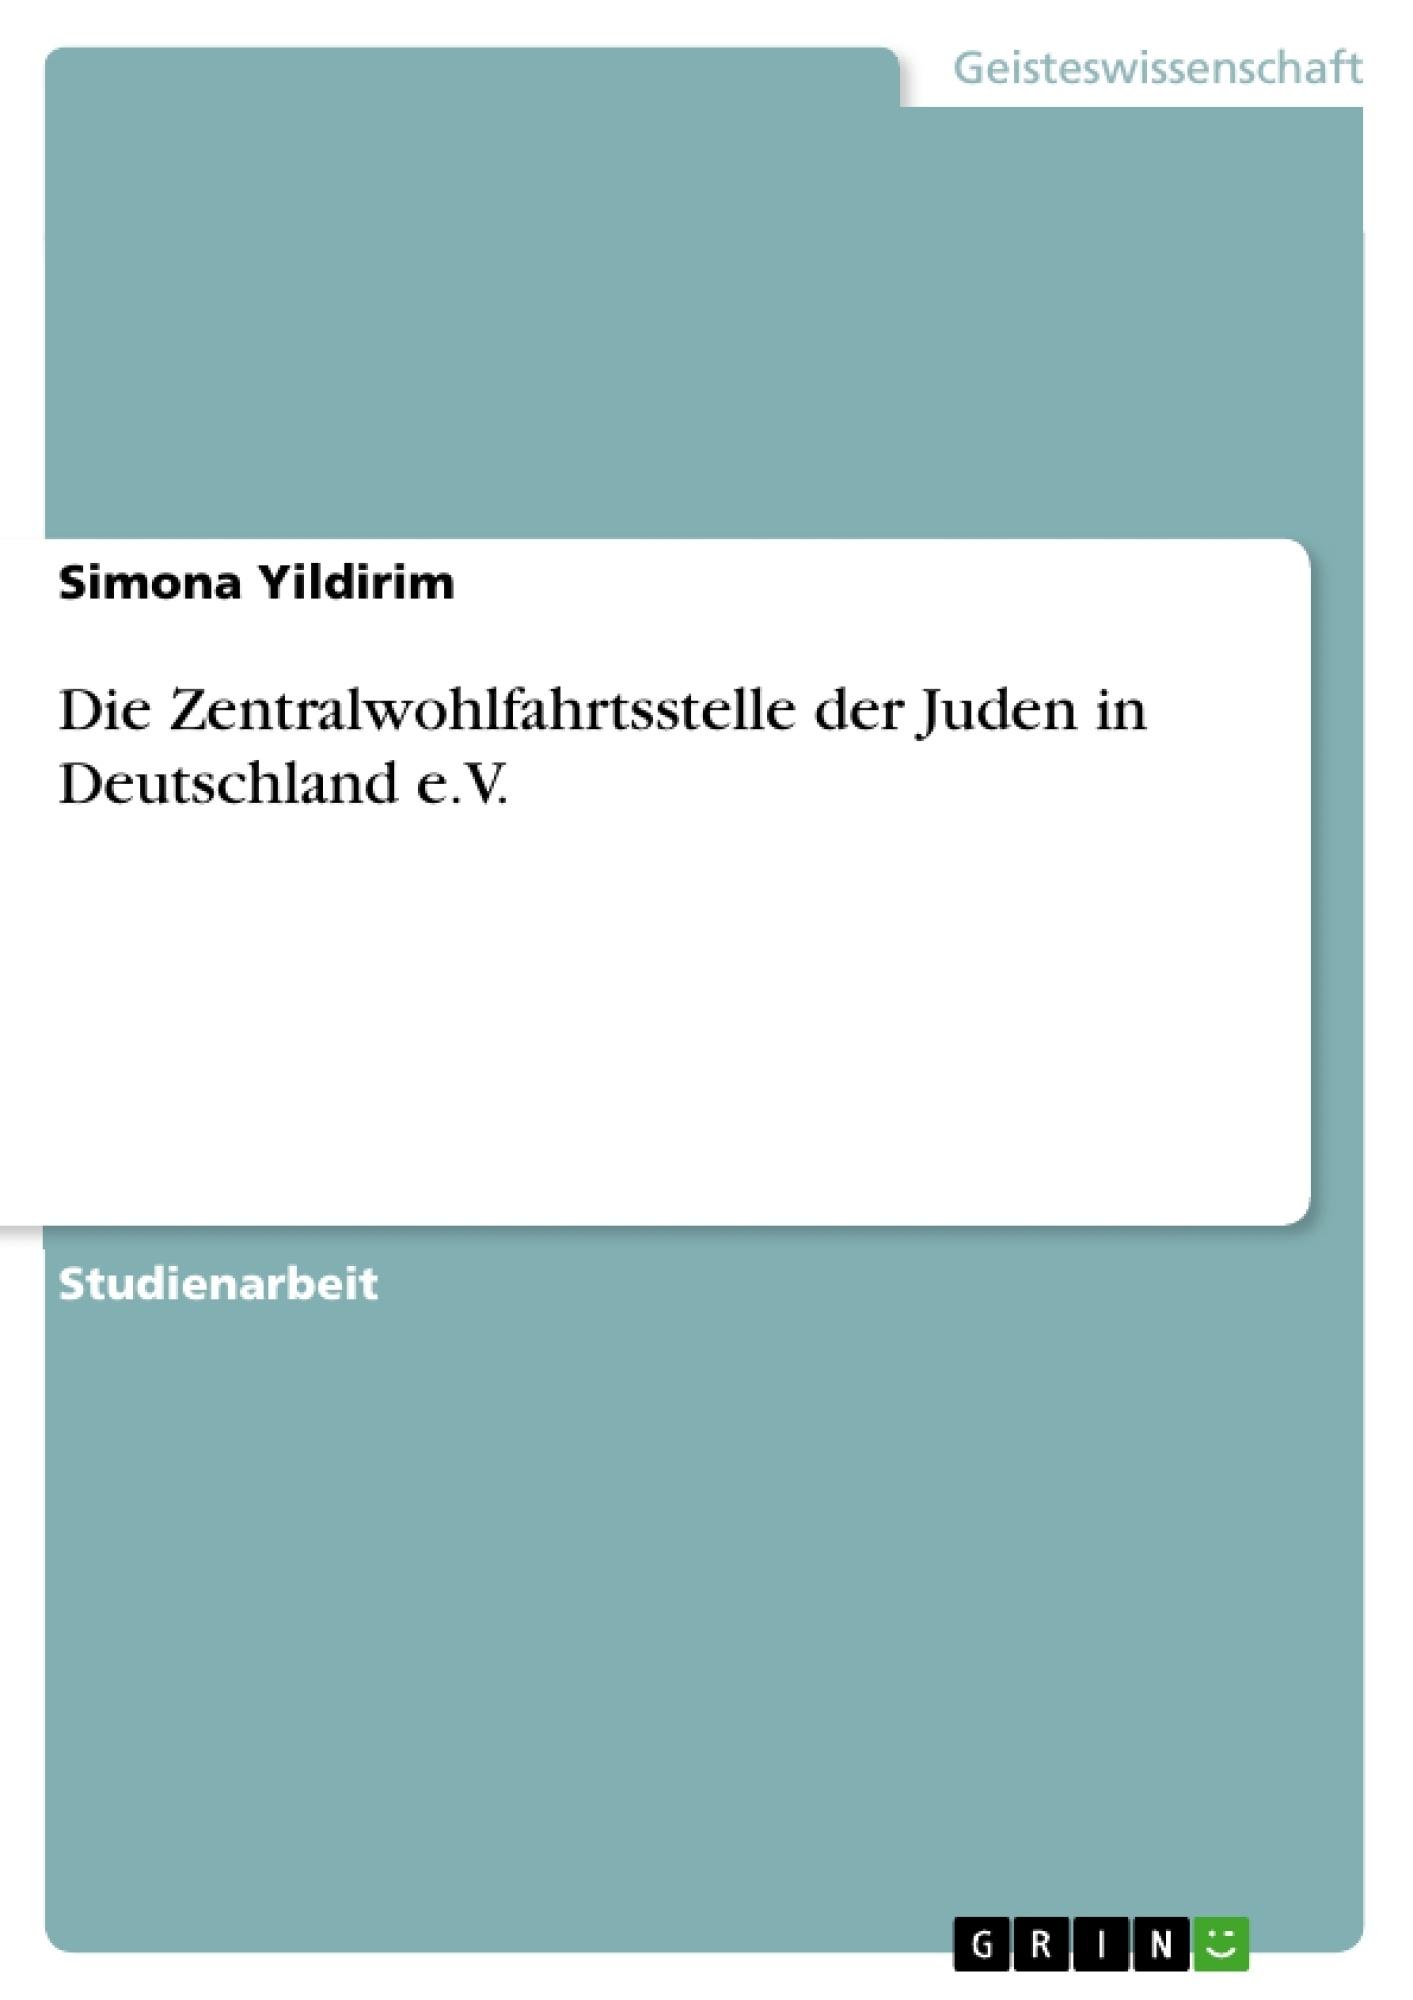 Titel: Die Zentralwohlfahrtsstelle der Juden in Deutschland e.V.